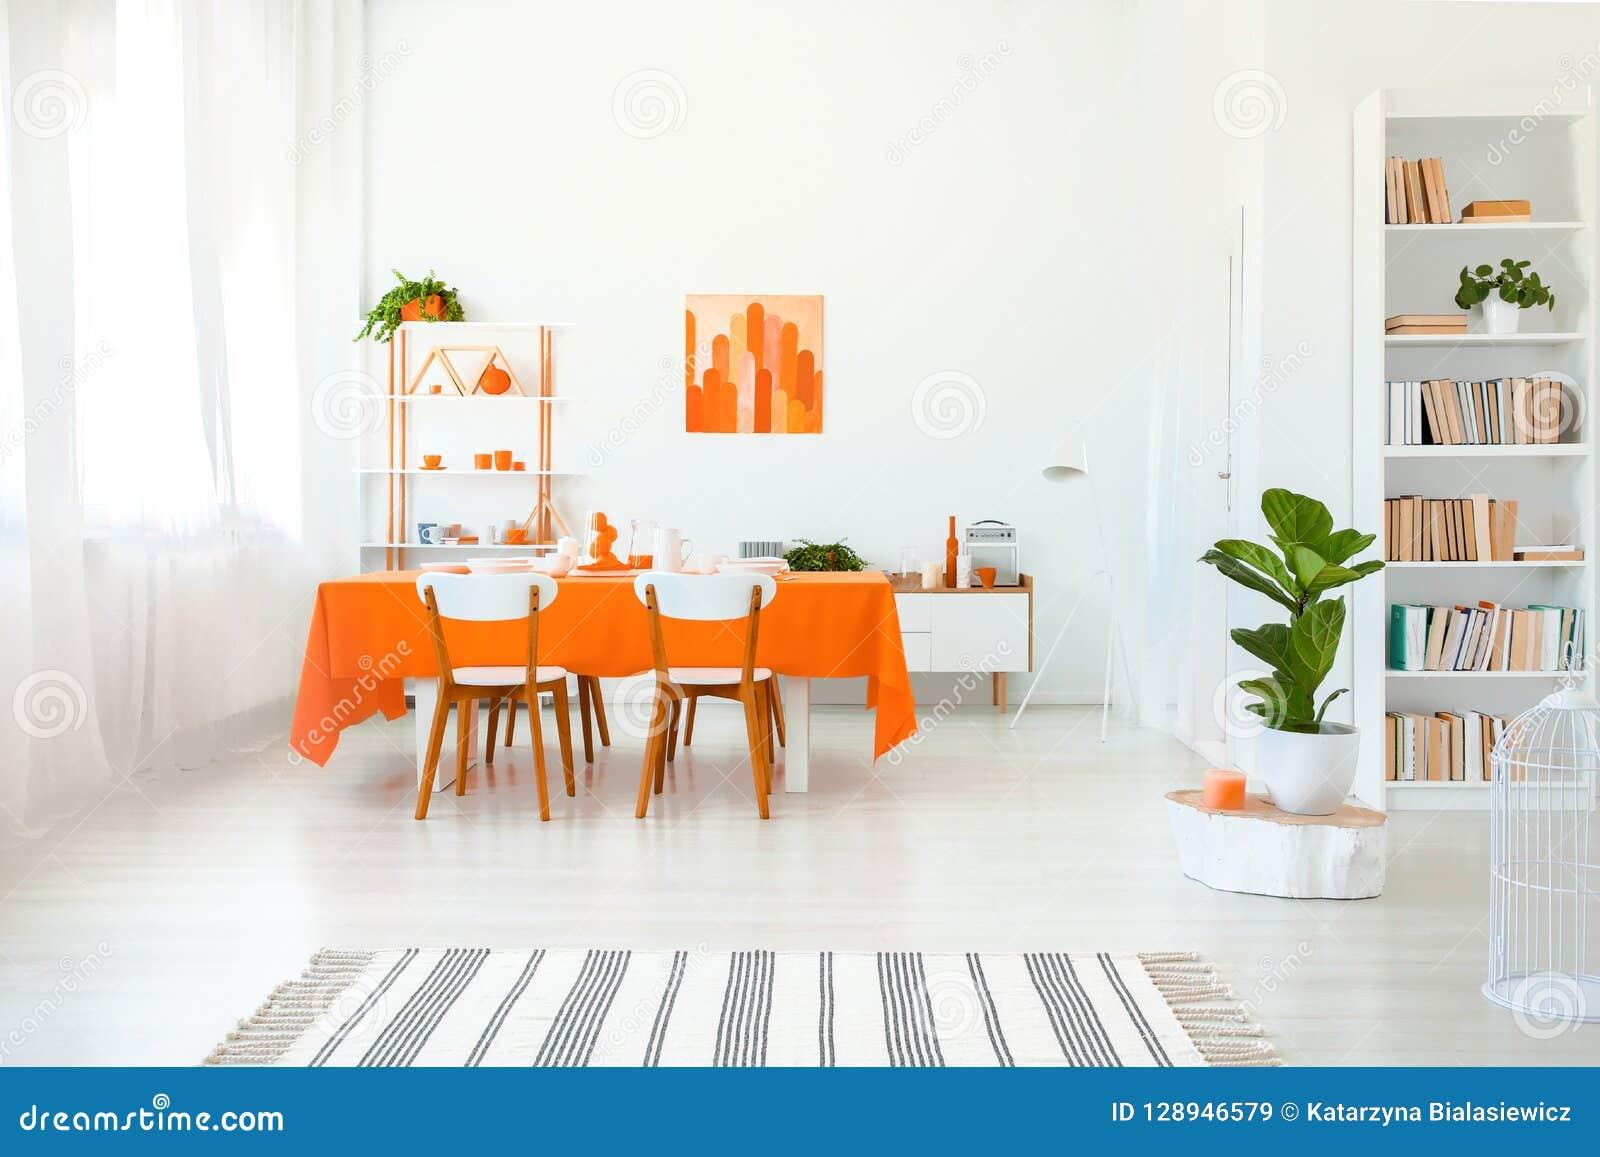 Eetkamer in levendige kleur Oranje tafelkleed op lijst met witte stoelen